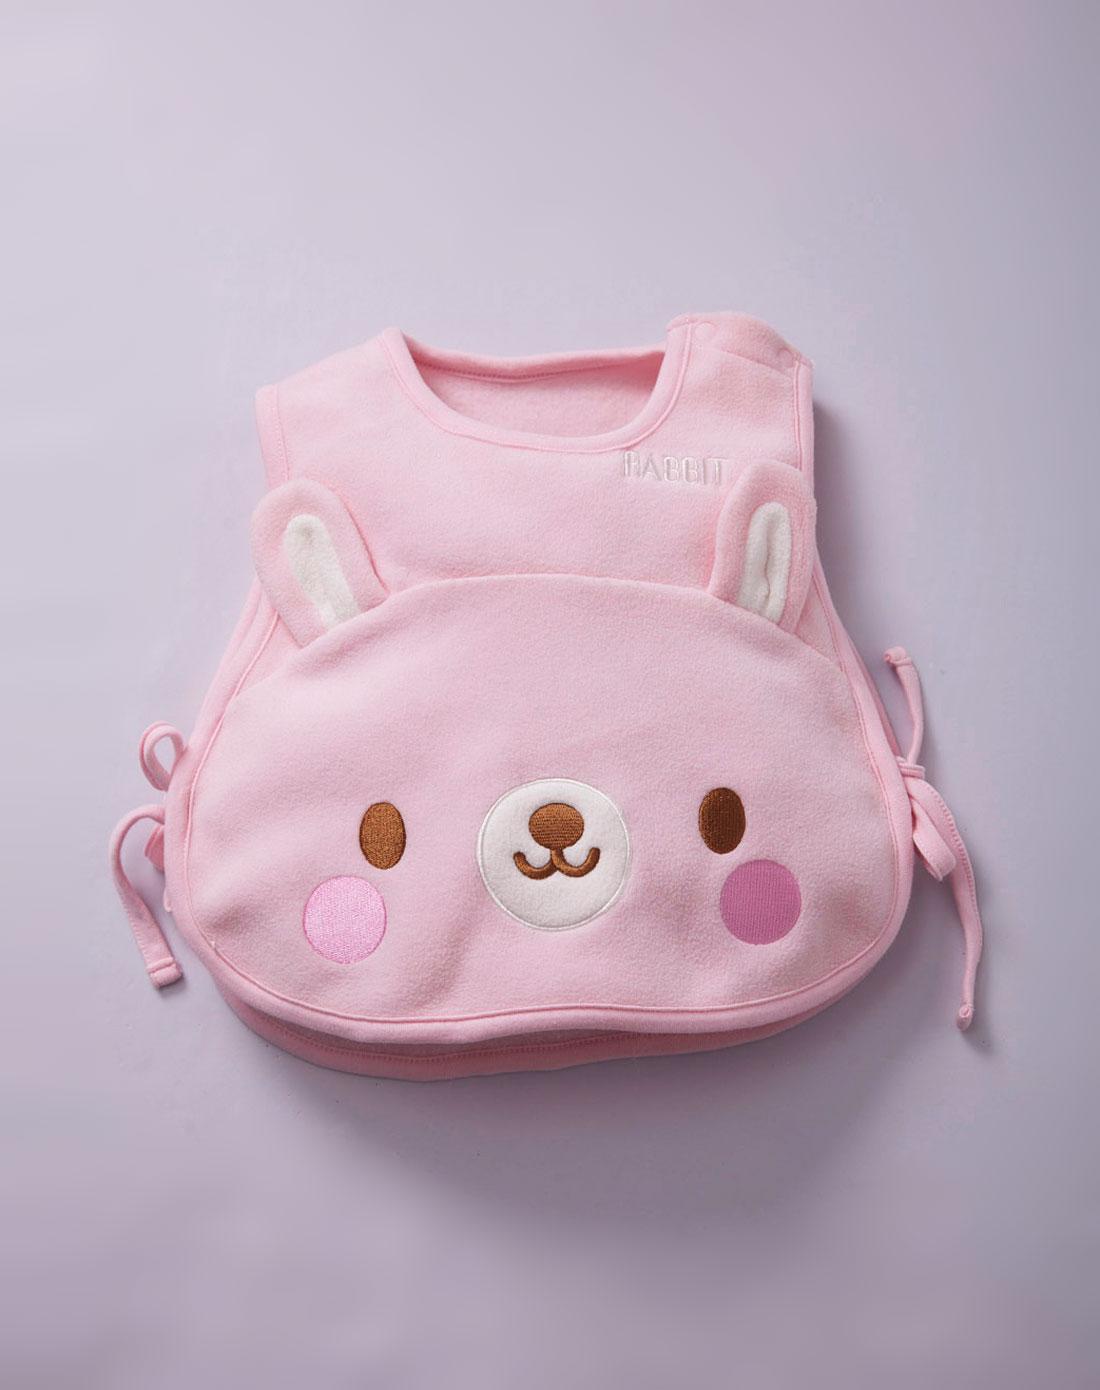 婴童粉红色可爱宝贝小兔背心